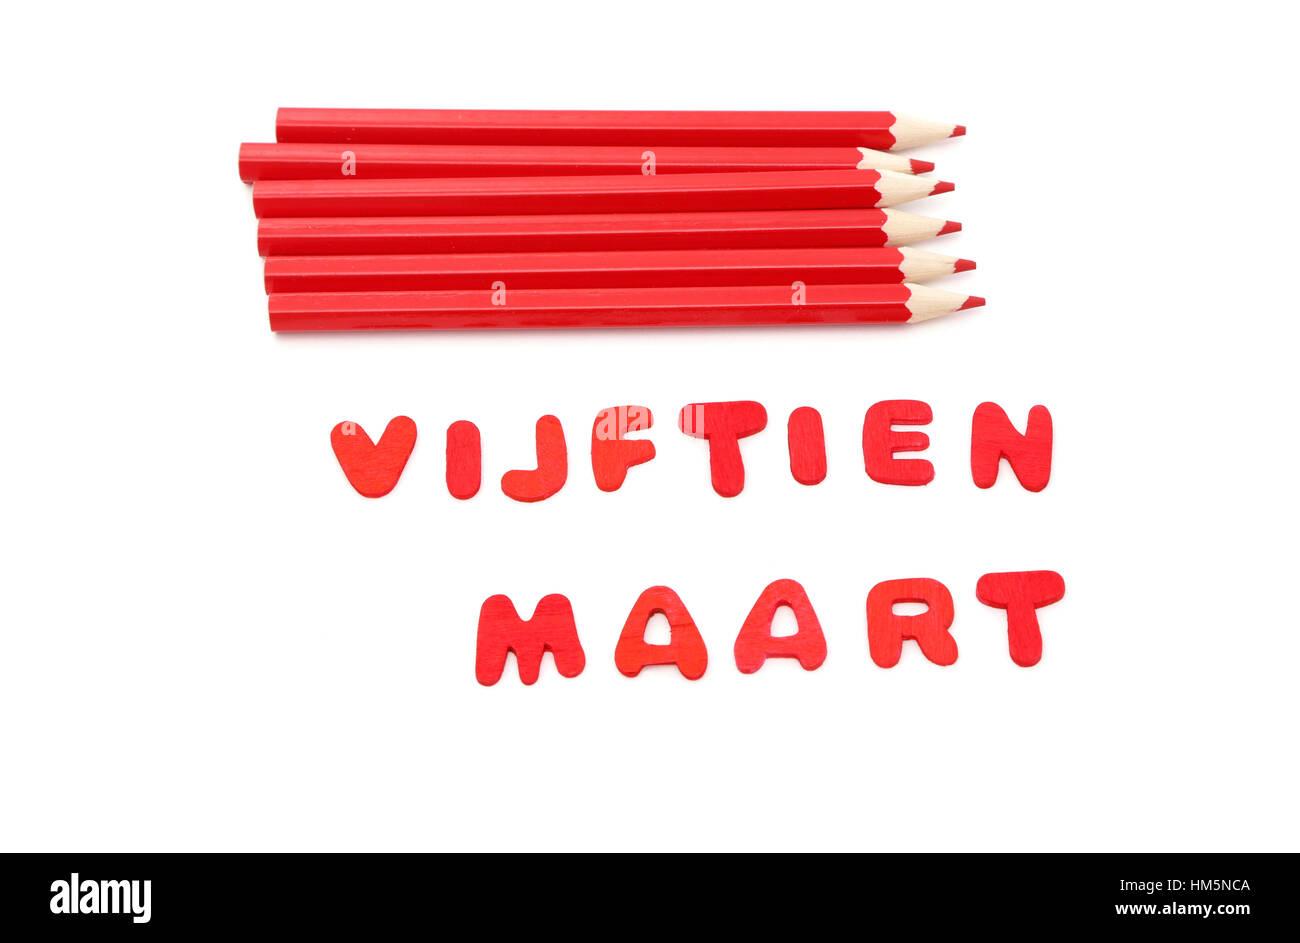 Lápices de color rojo y las palabras vijftien maart lo cual significa marzo 15 en holandés el día Imagen De Stock